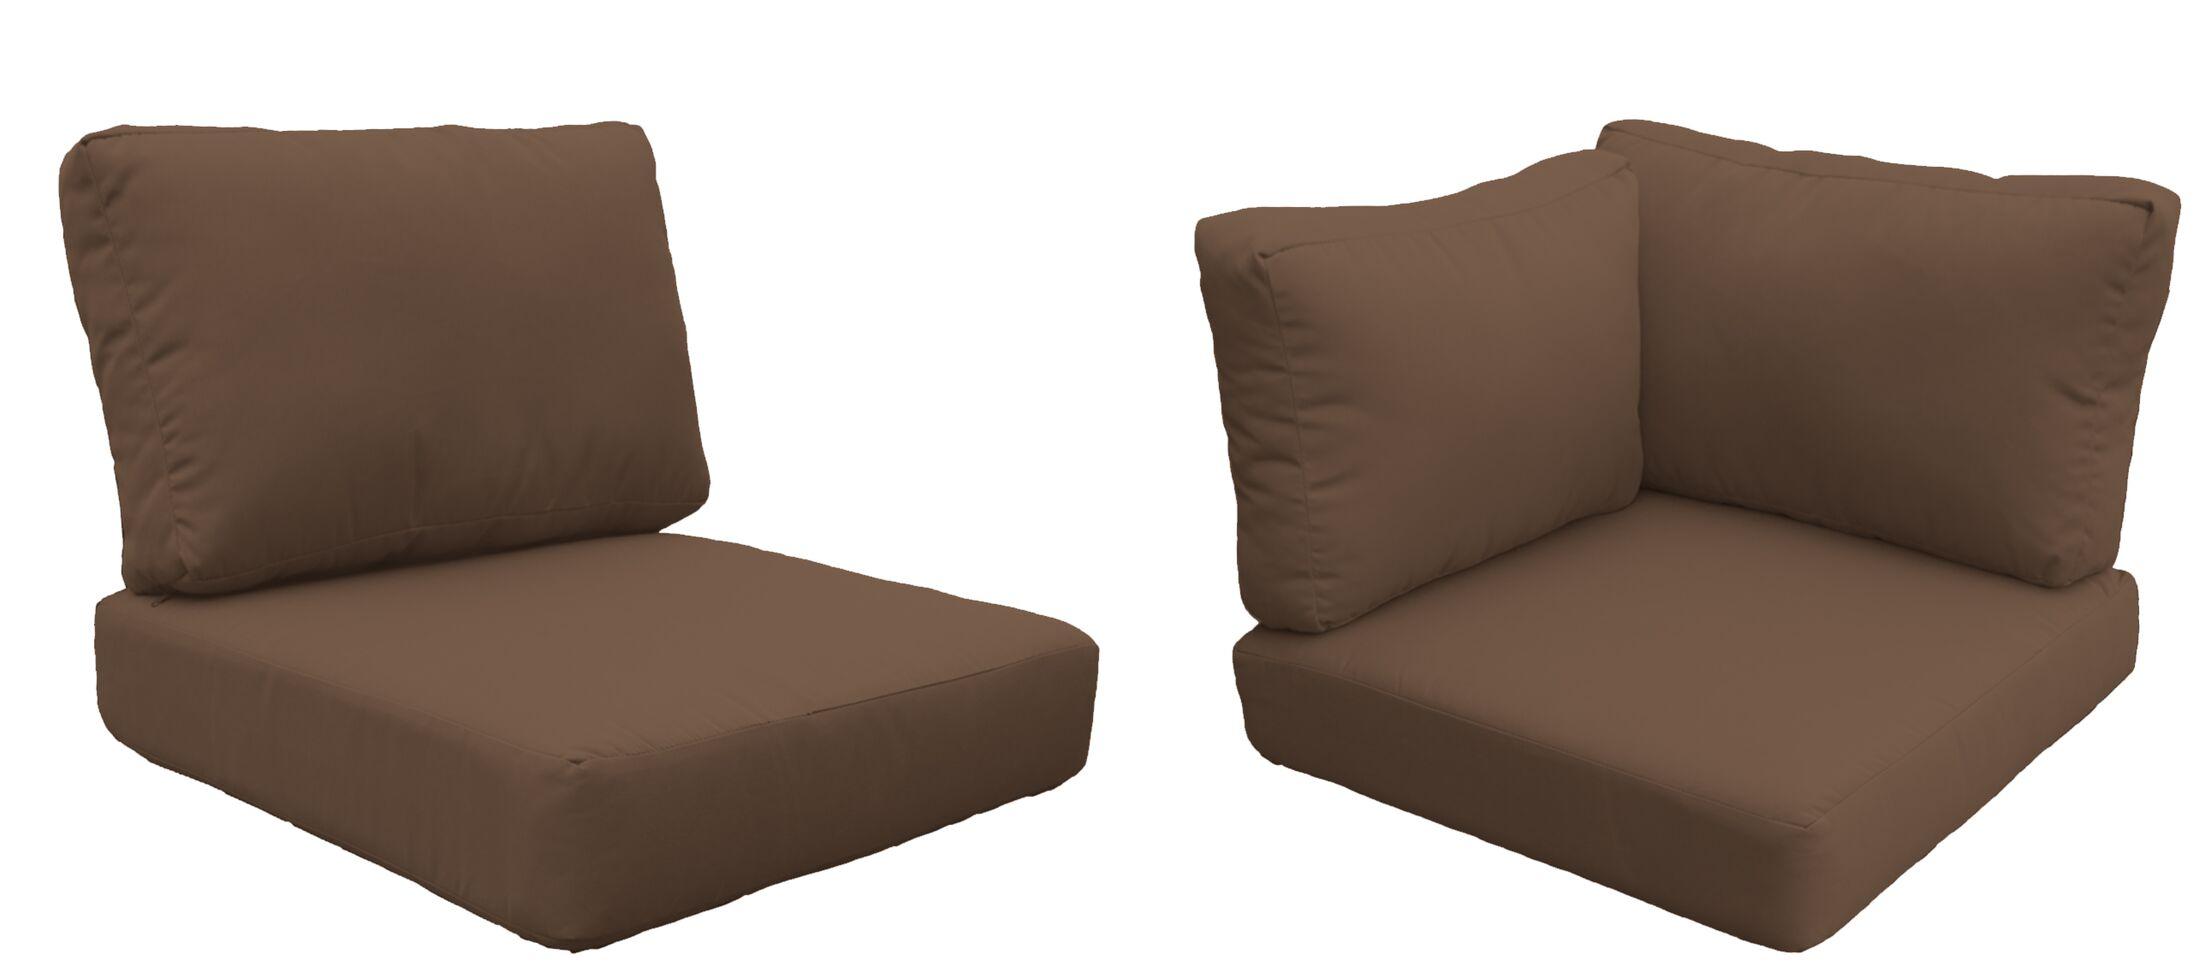 Barbados 8 Piece Outdoor Cushion Set Fabric: Cocoa